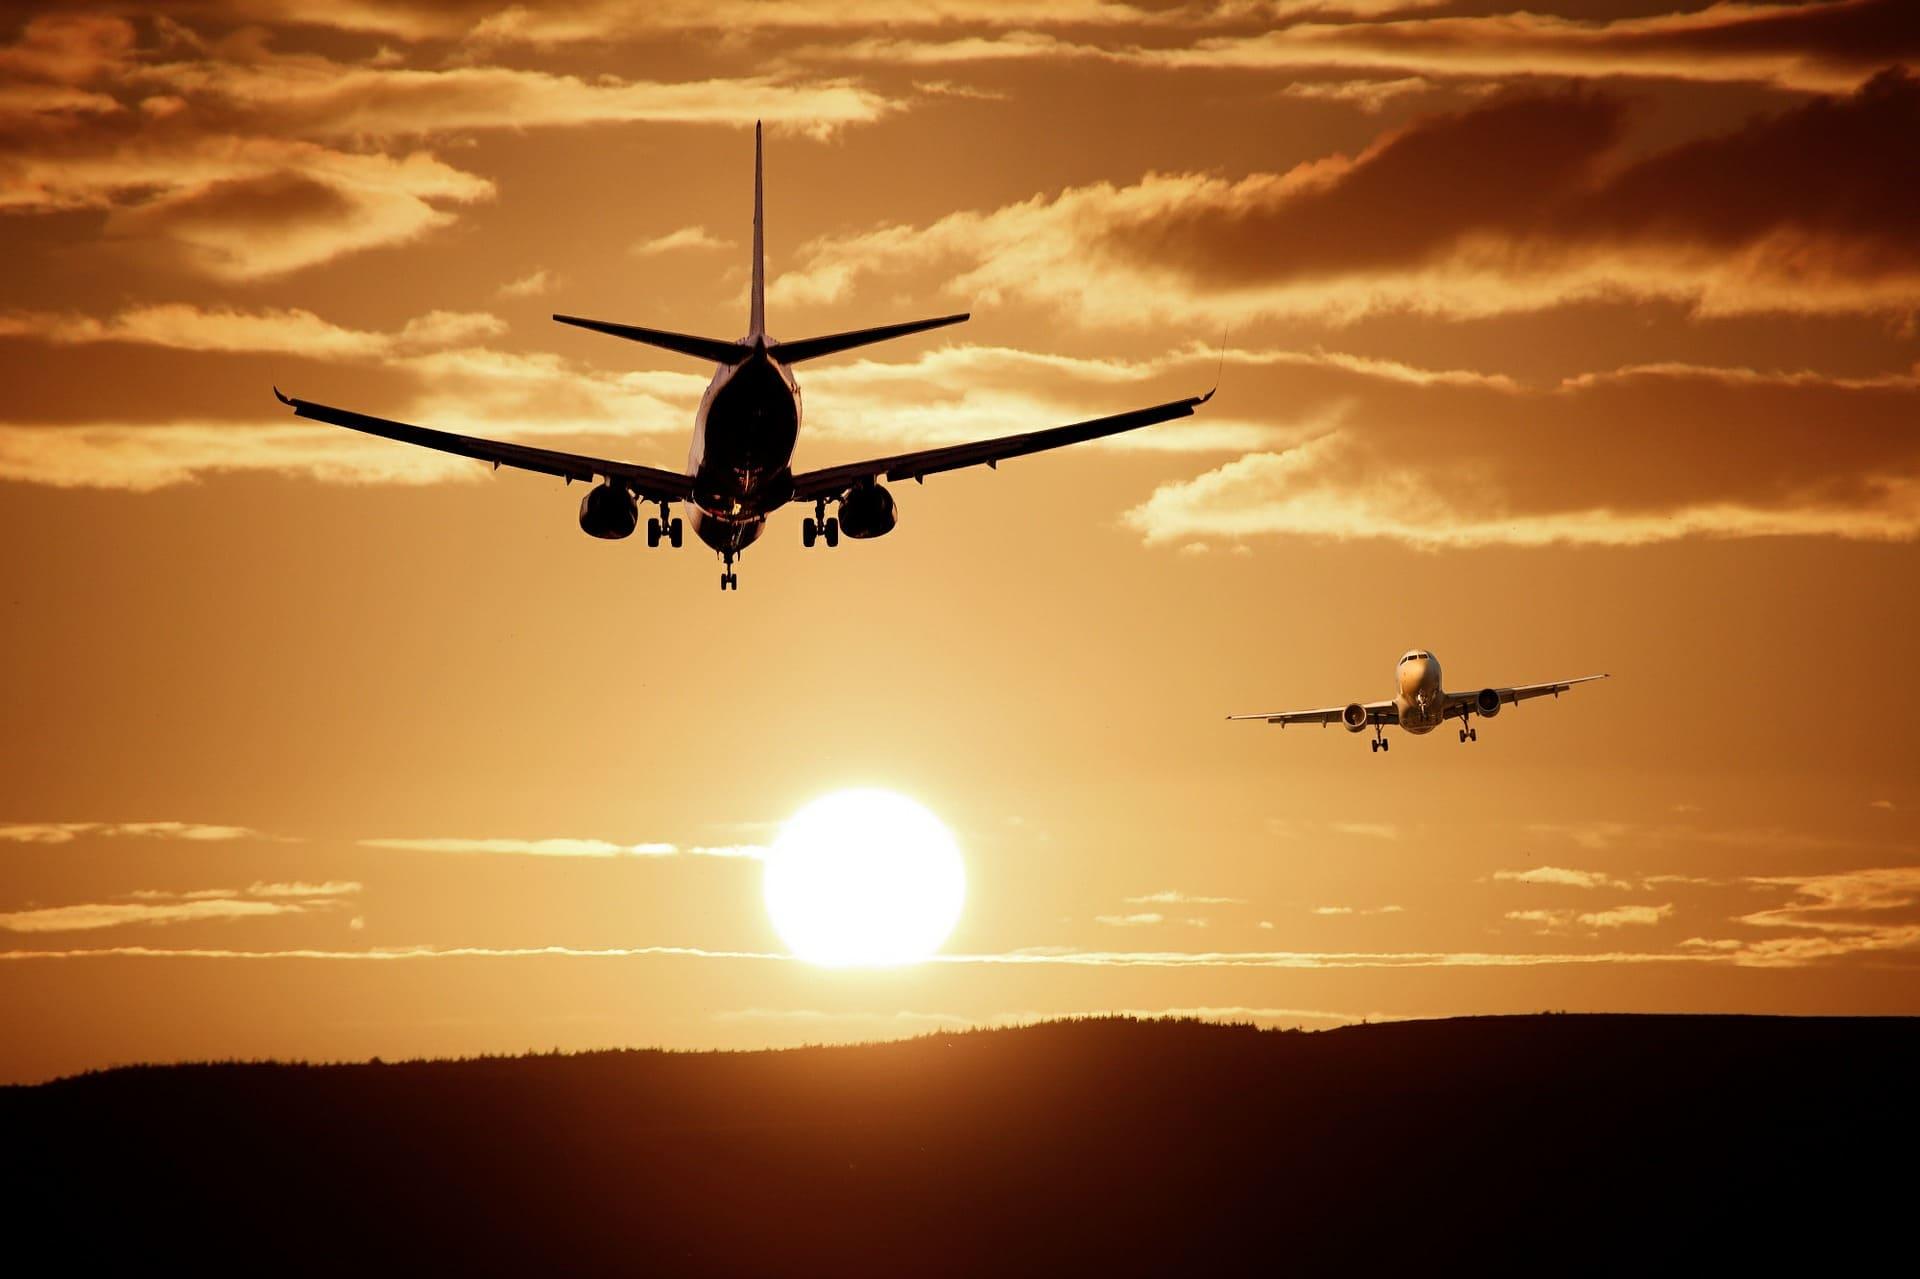 avion-seguridad-viaje-sorpresa